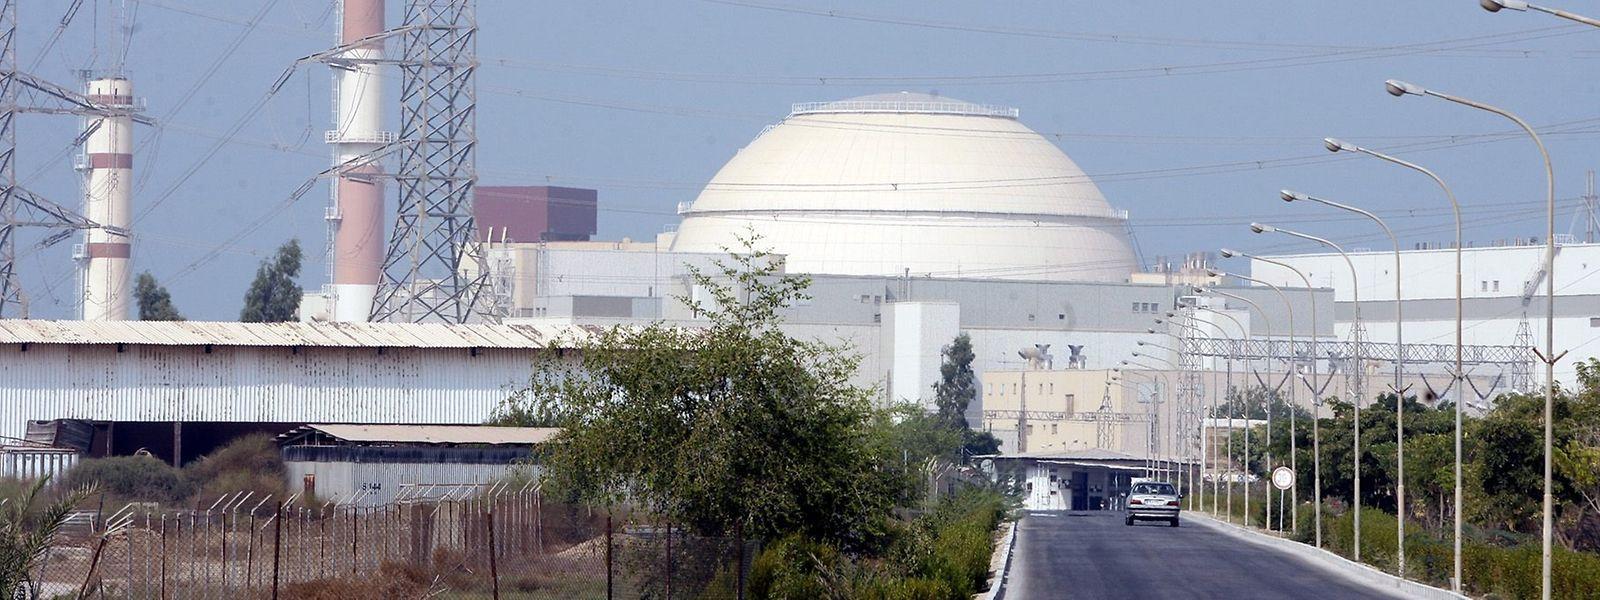 Das iranische Atomkraftwerk Buschehr. Zum Jahrestag des US-Ausstiegs aus dem internationalen Atomabkommen mit dem Iran hat der iranische Präsident Ruhani einen Teilausstieg seines Landes aus dem Deal bekannt gegeben.